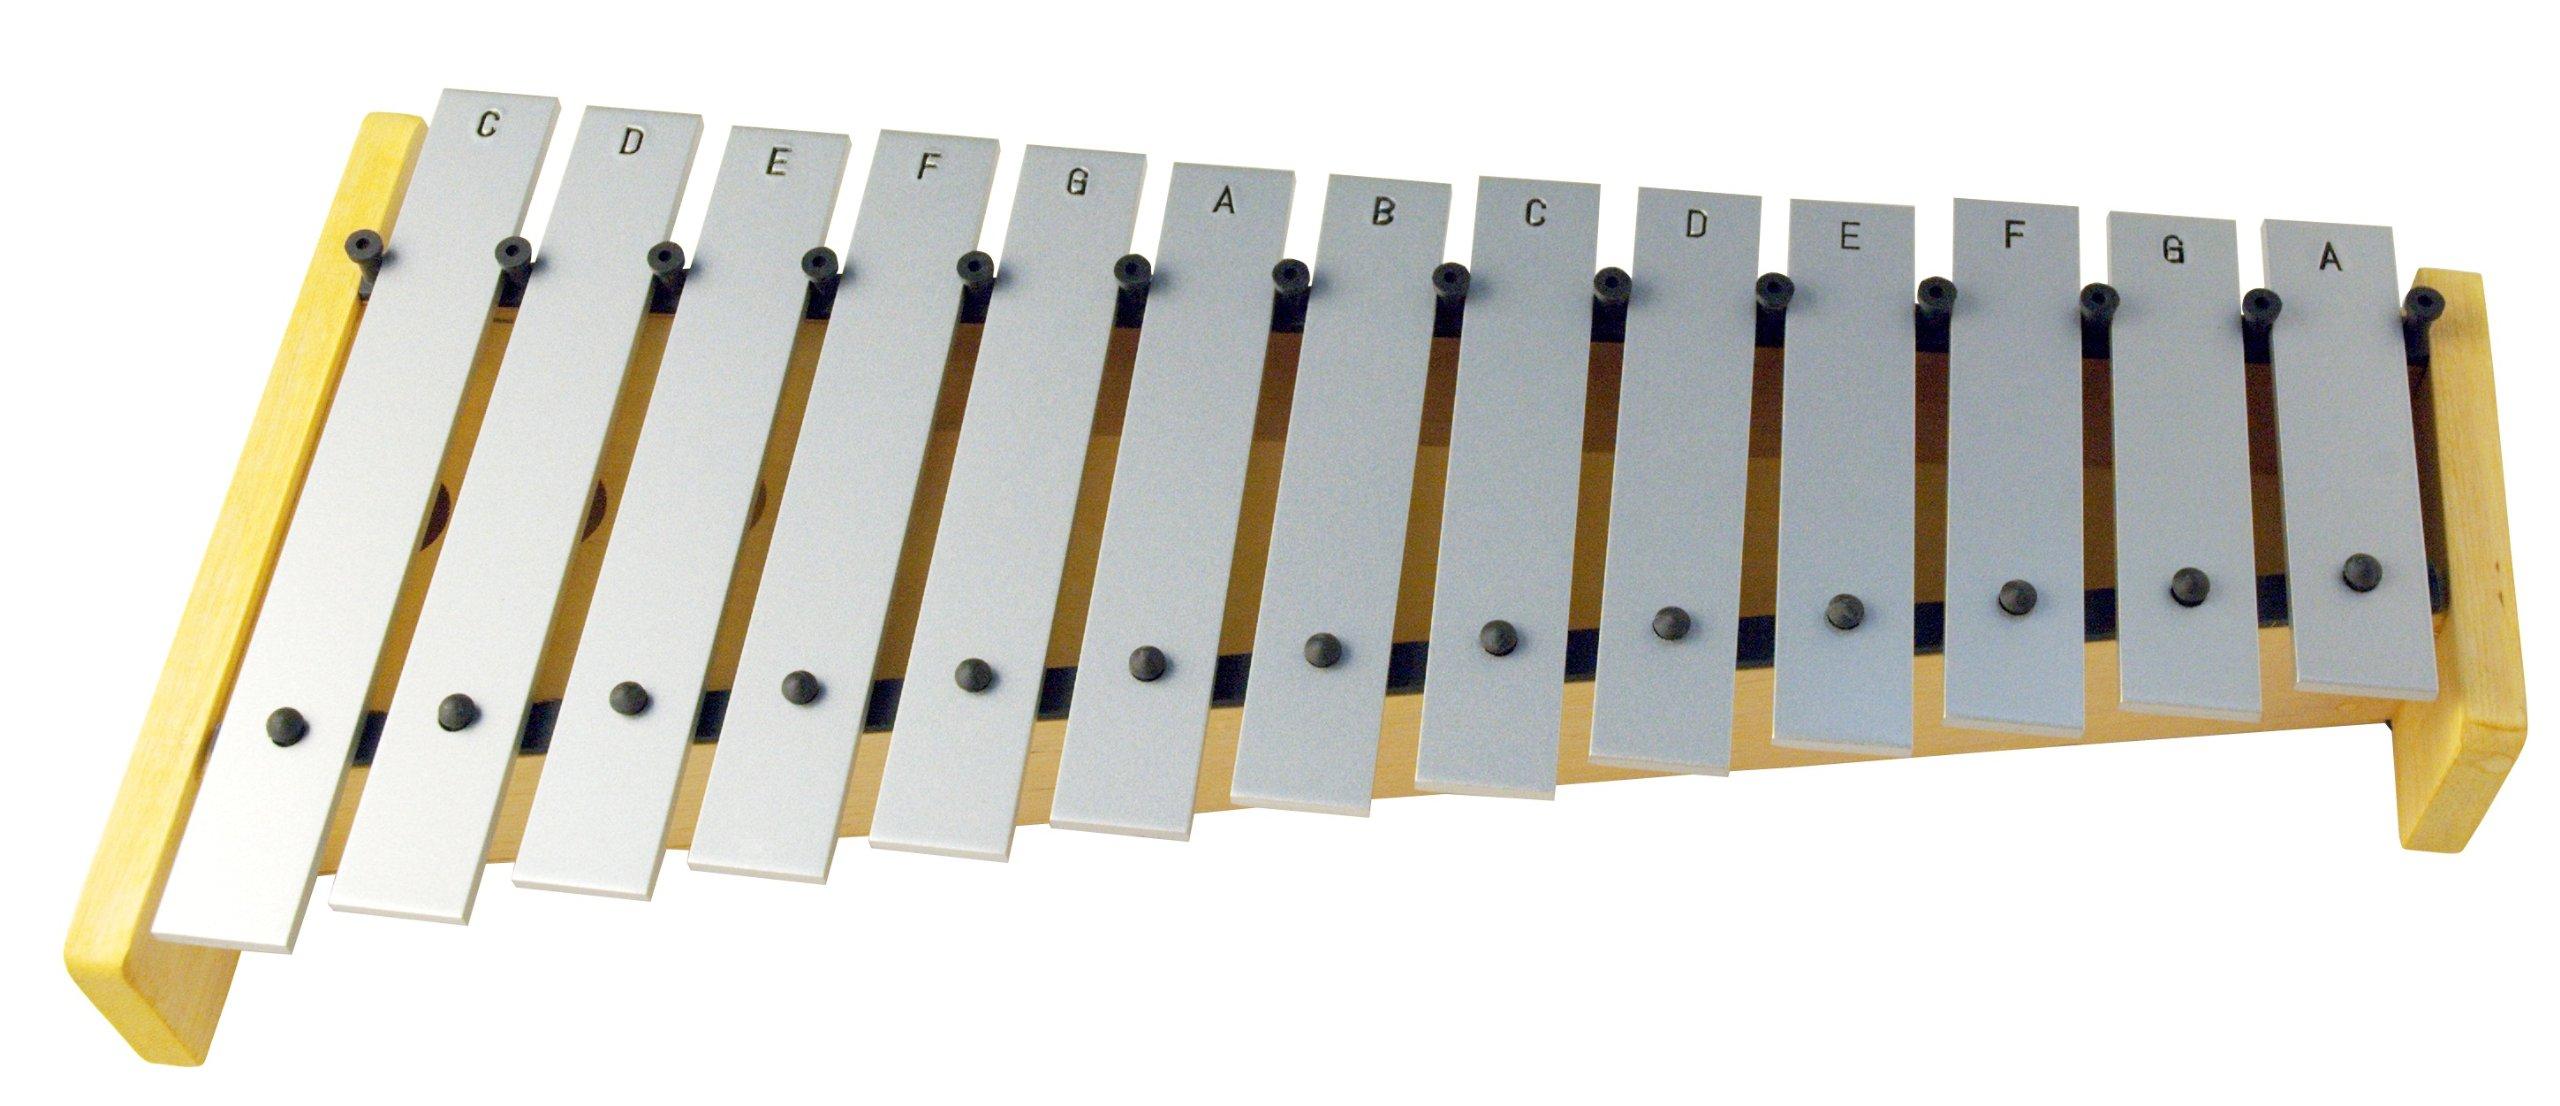 Suzuki Musical Instrument Corporation AG-13 Alto Glockenspiel by Suzuki Music